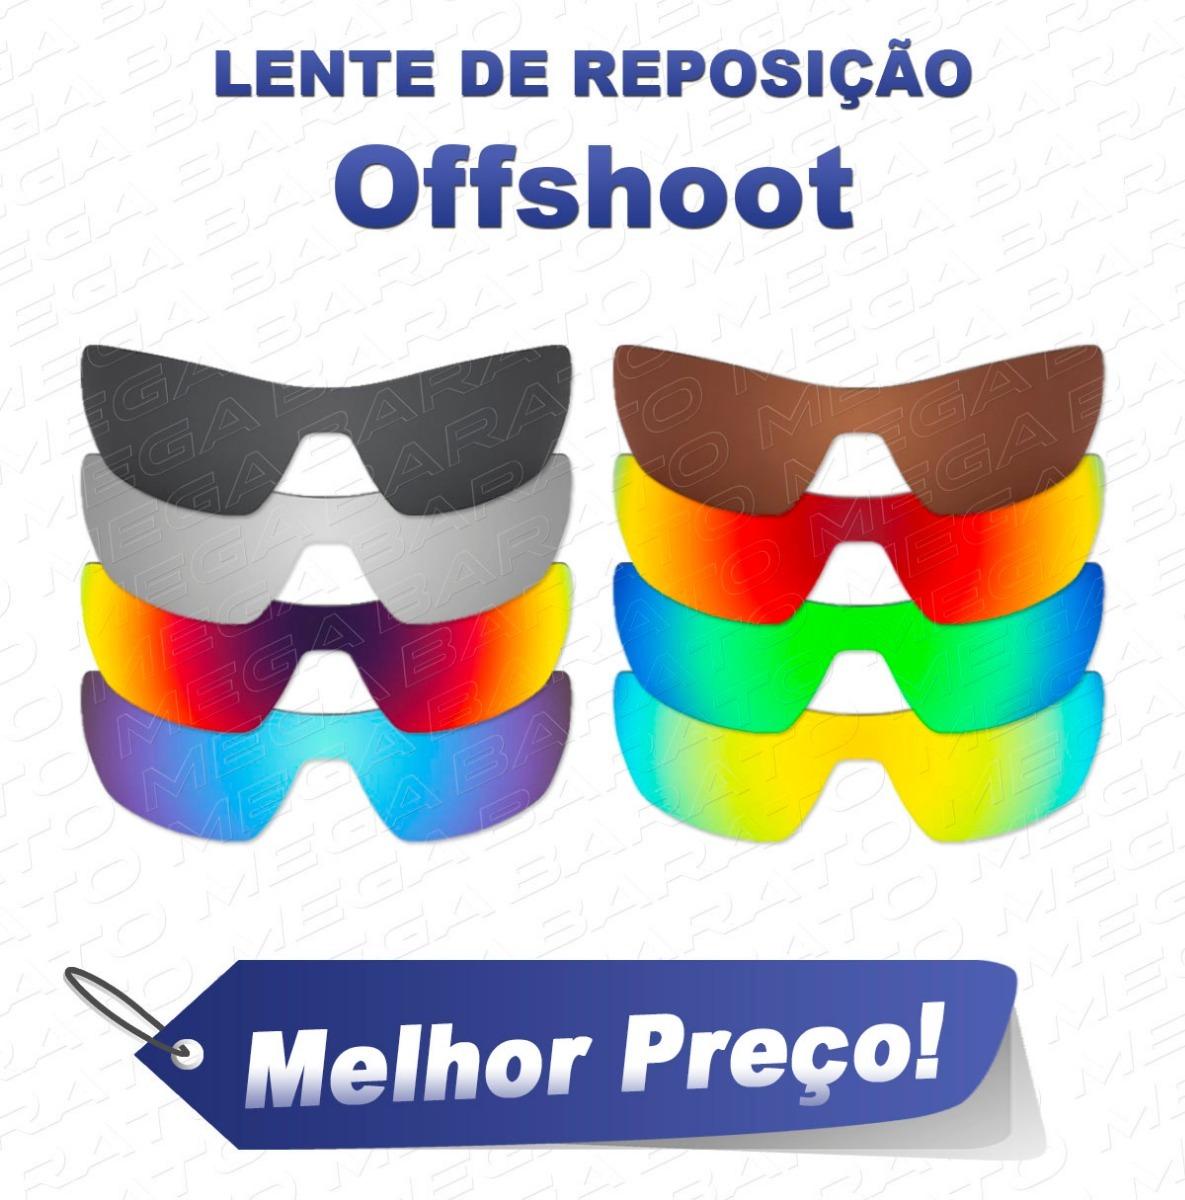 Lente Óculos Offshoot Polarizada - R  110,00 em Mercado Livre b4e965749a